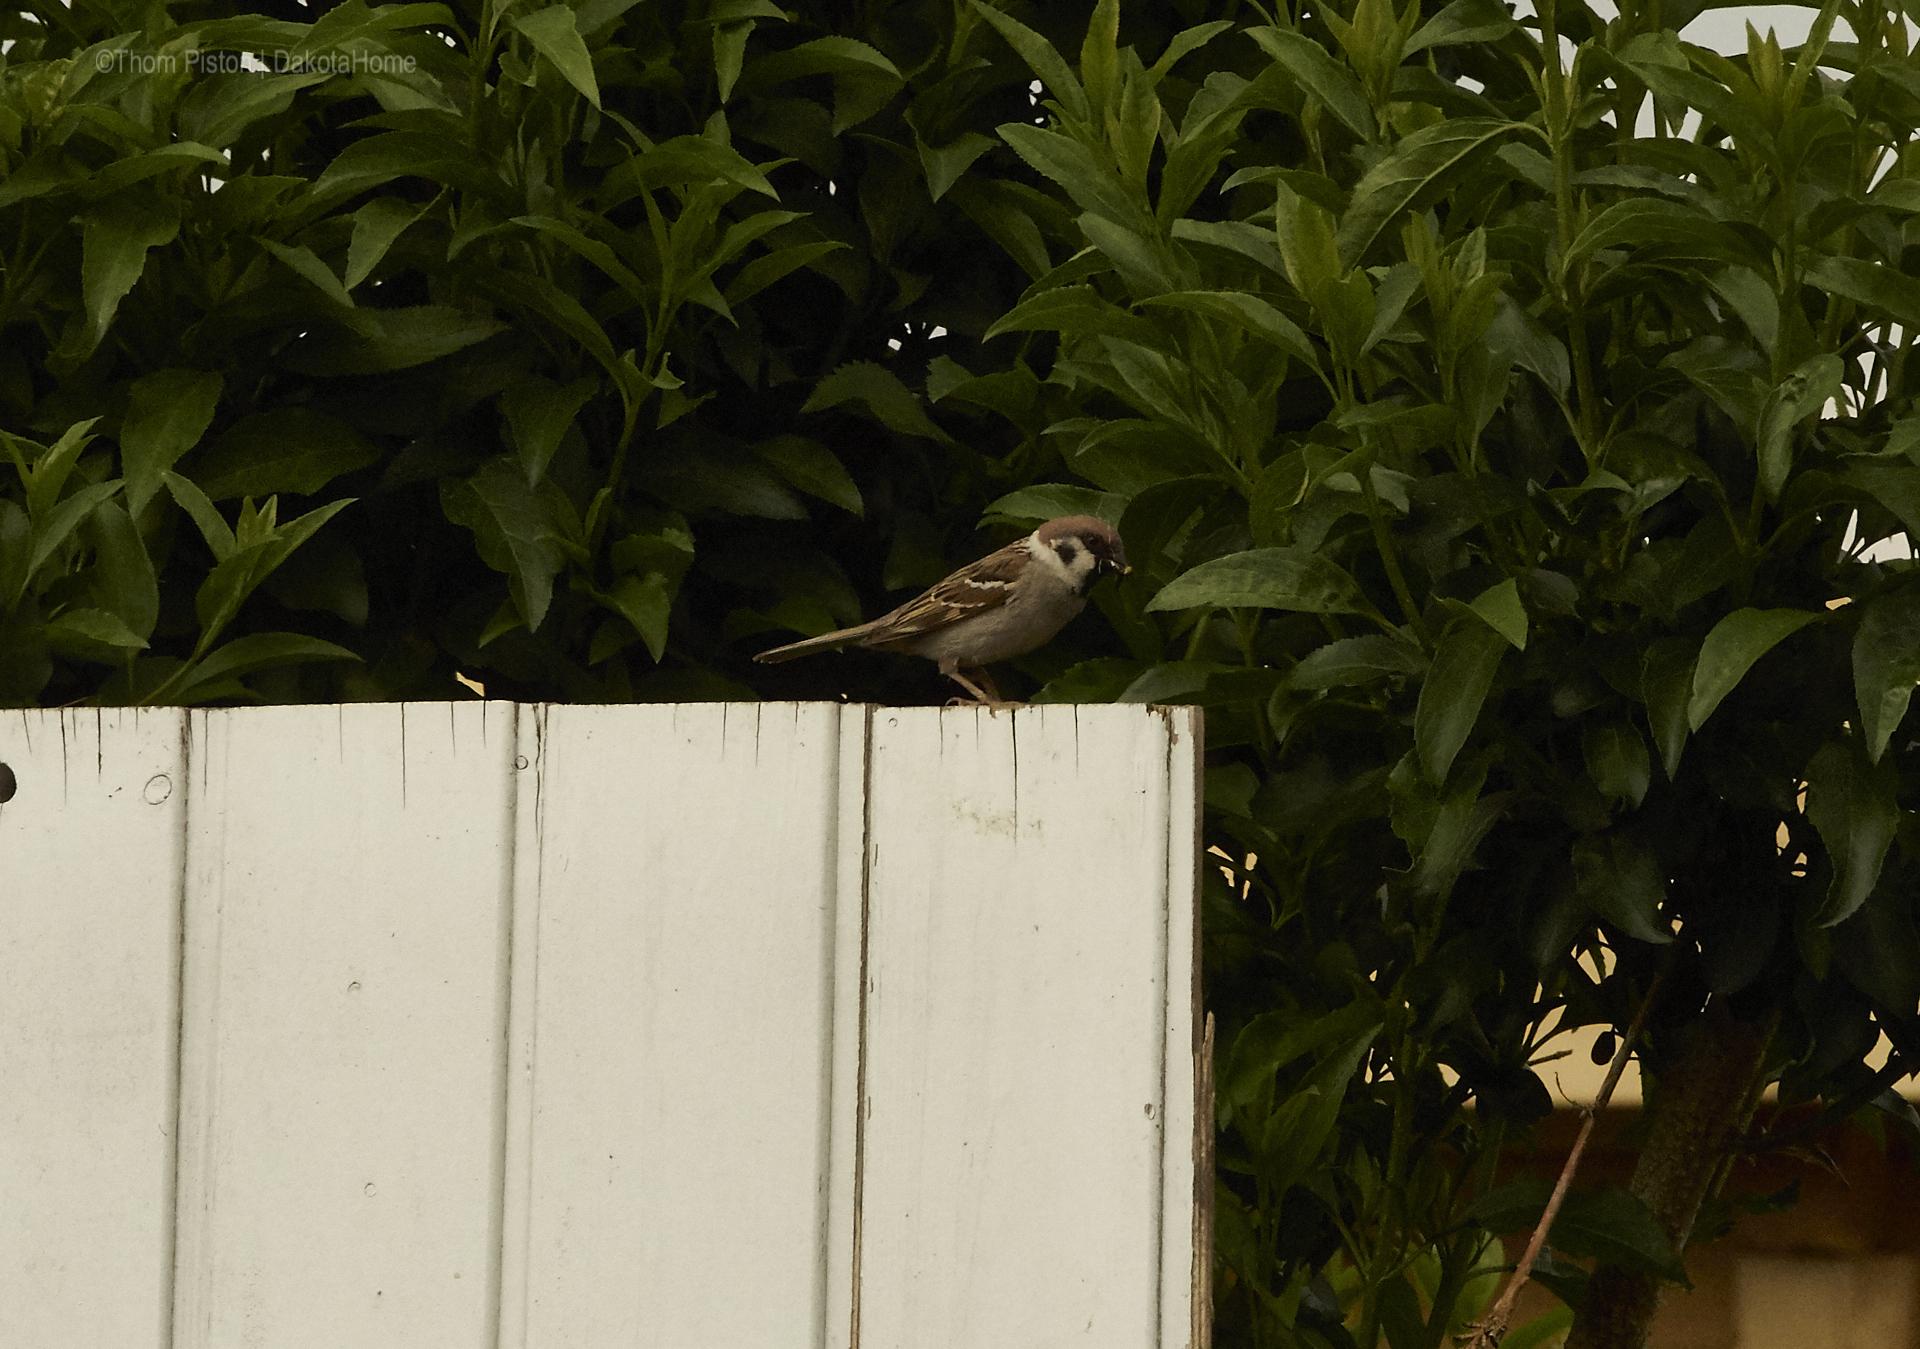 Vögel at Dakota Home